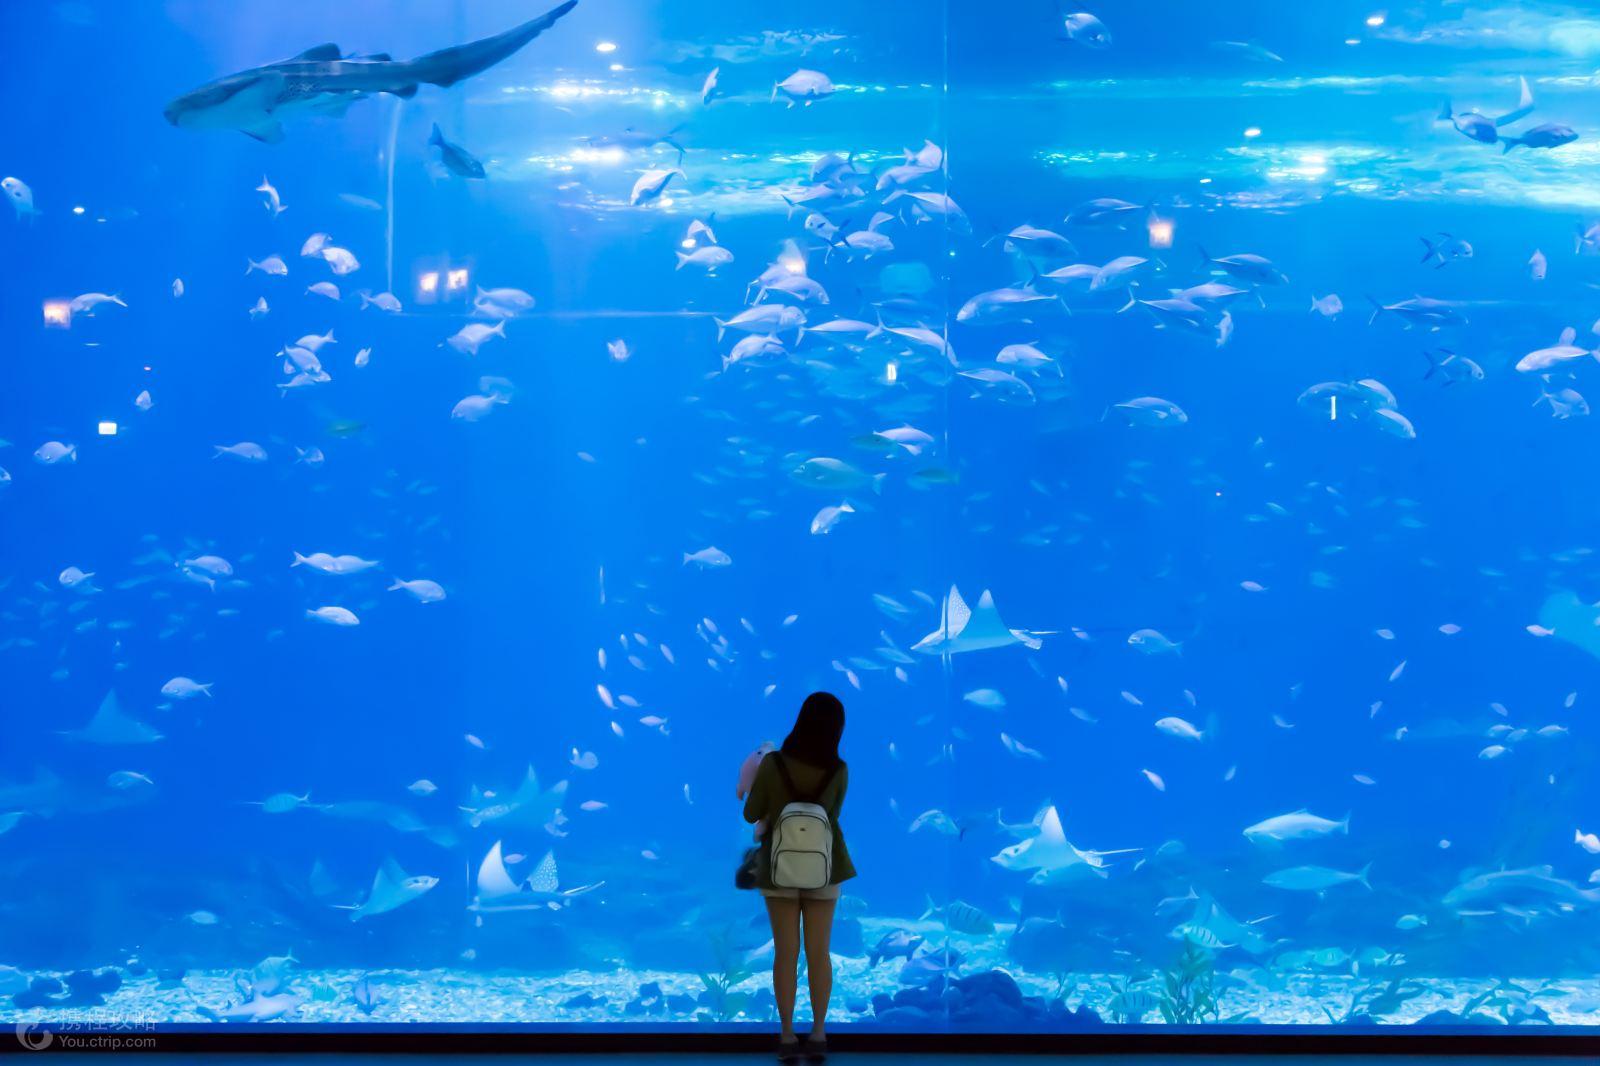 壁纸 海底 海底世界 海洋馆 水族馆 桌面 1600_1066